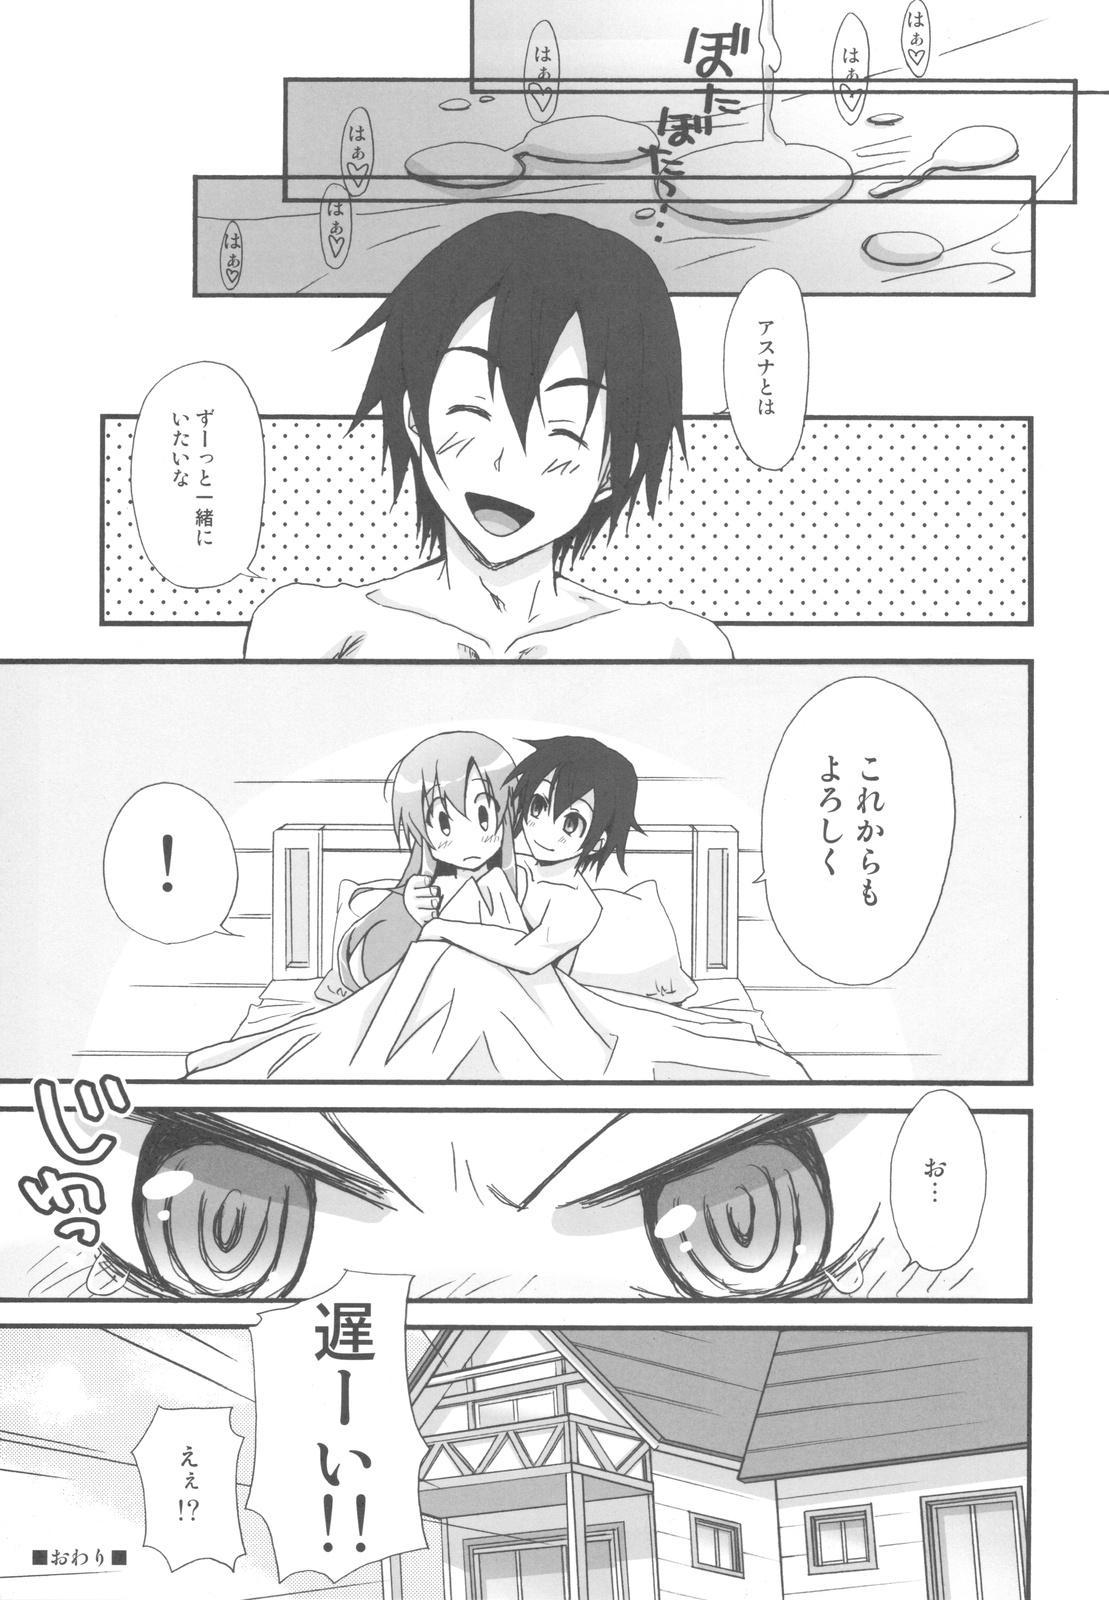 Asuna to no Seikatsu ga Motto Eroku Naru Hon 21